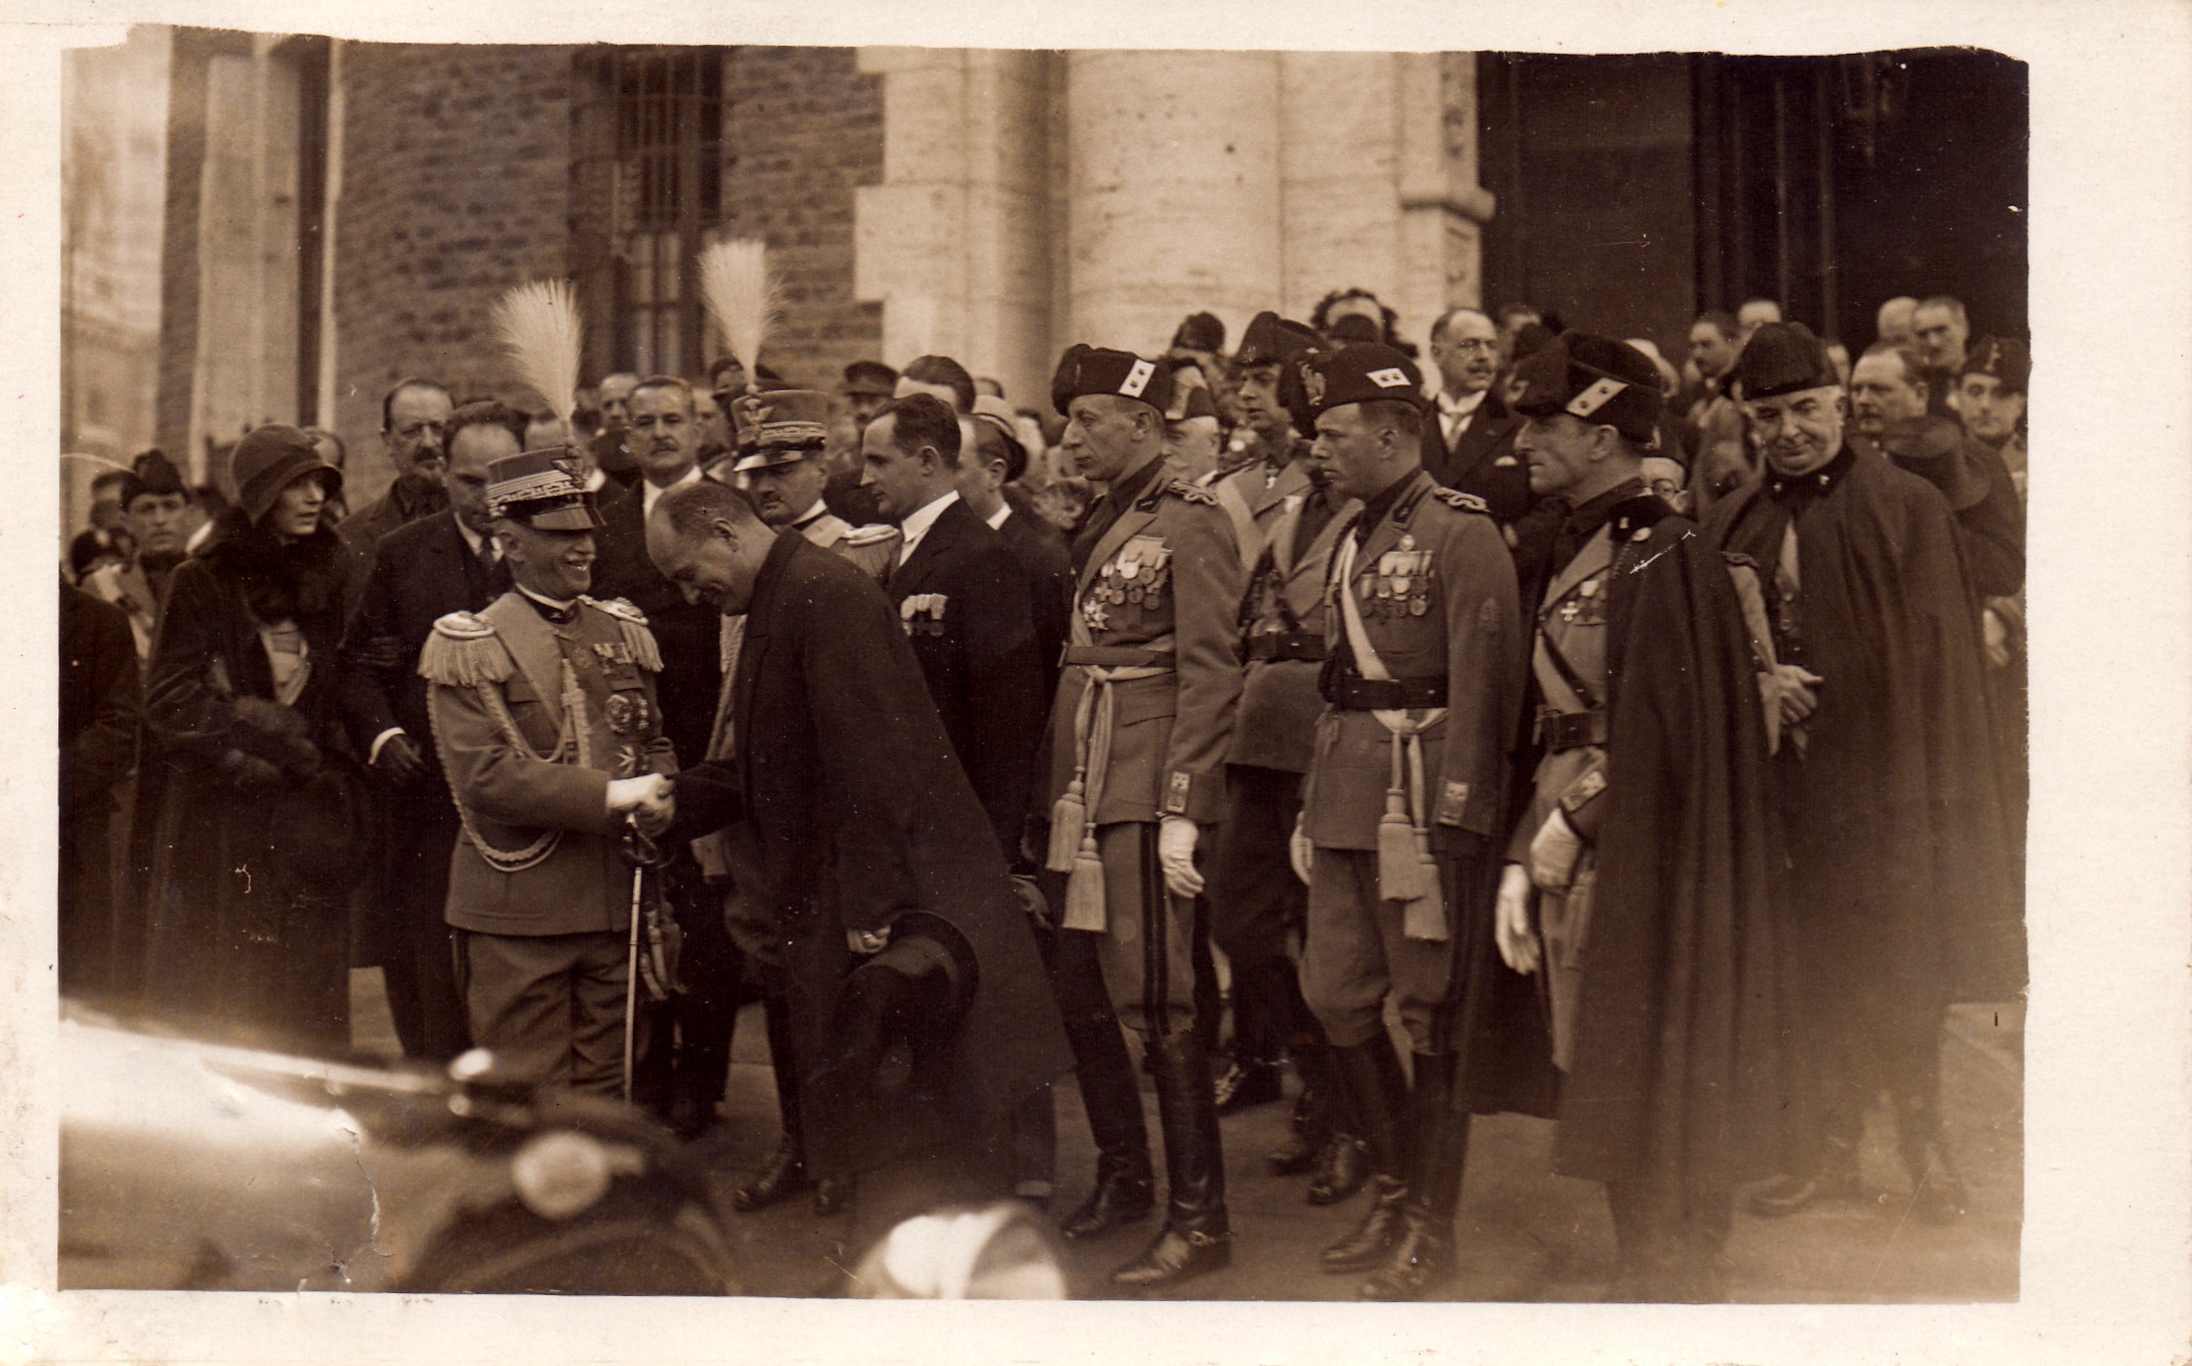 roma 04 11 1928 decennale vittoria inaugurazione casa madre mutilati Re Mussolini Delcroix e Turati.jpg